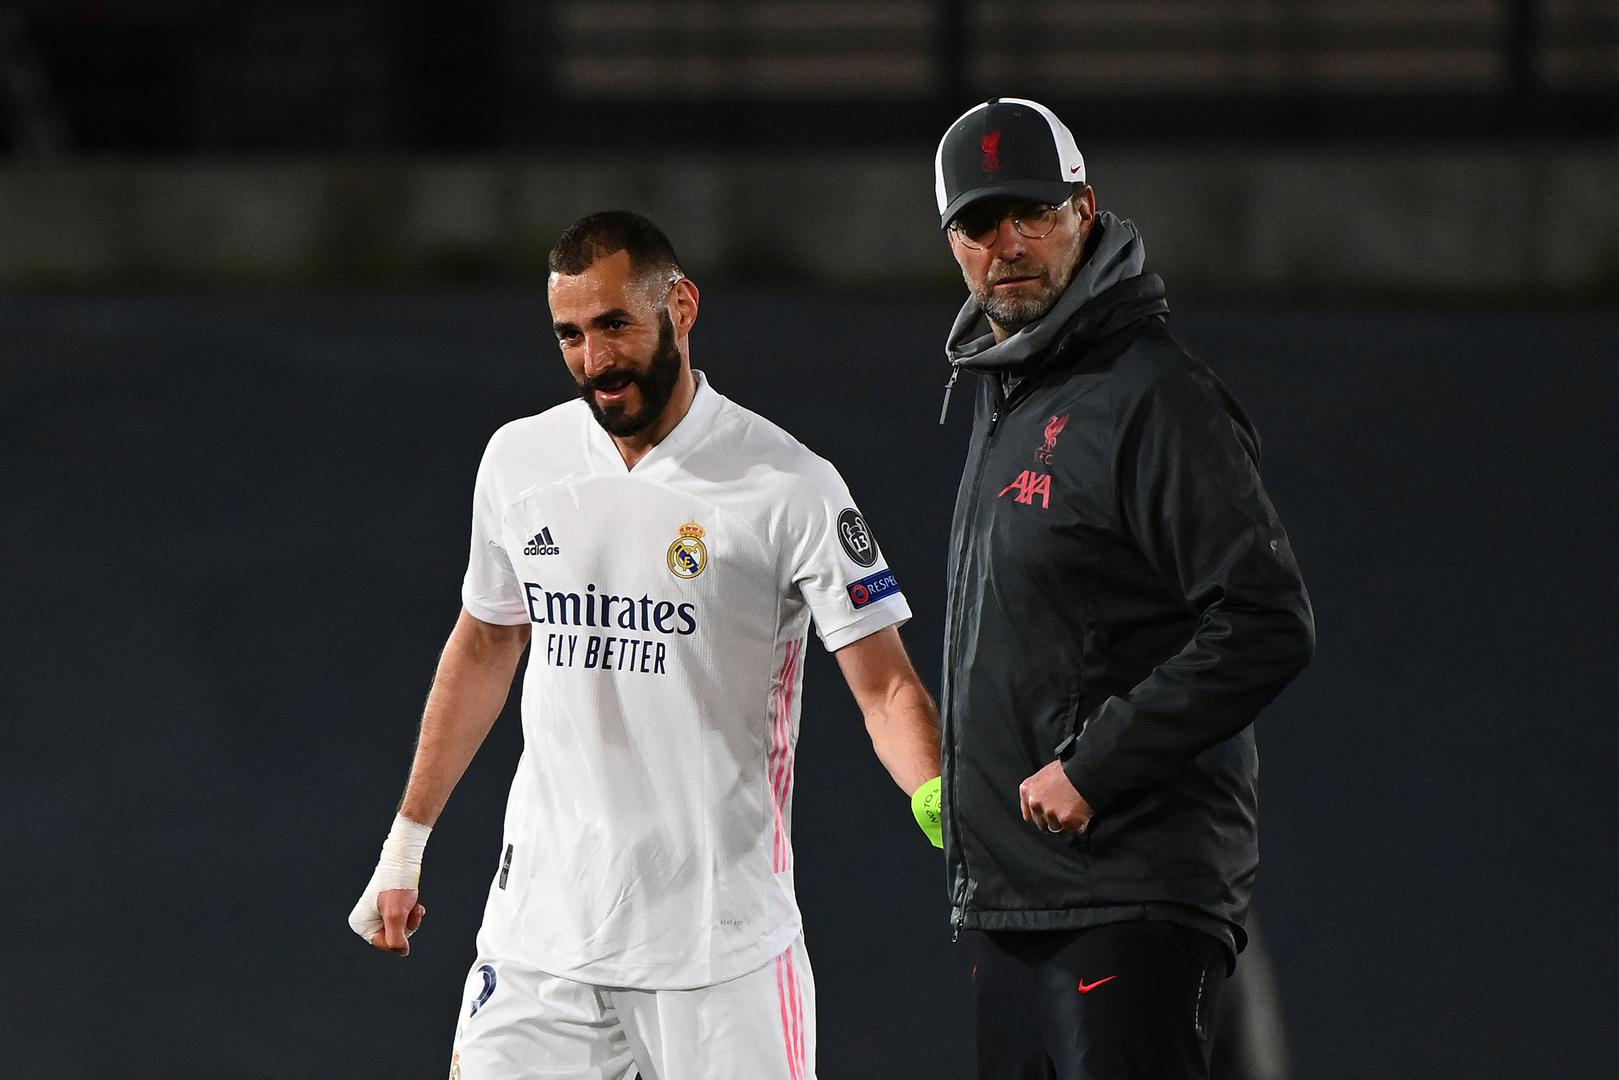 أول تصريح لكلوب عقب الخسارة من ريال مدريد